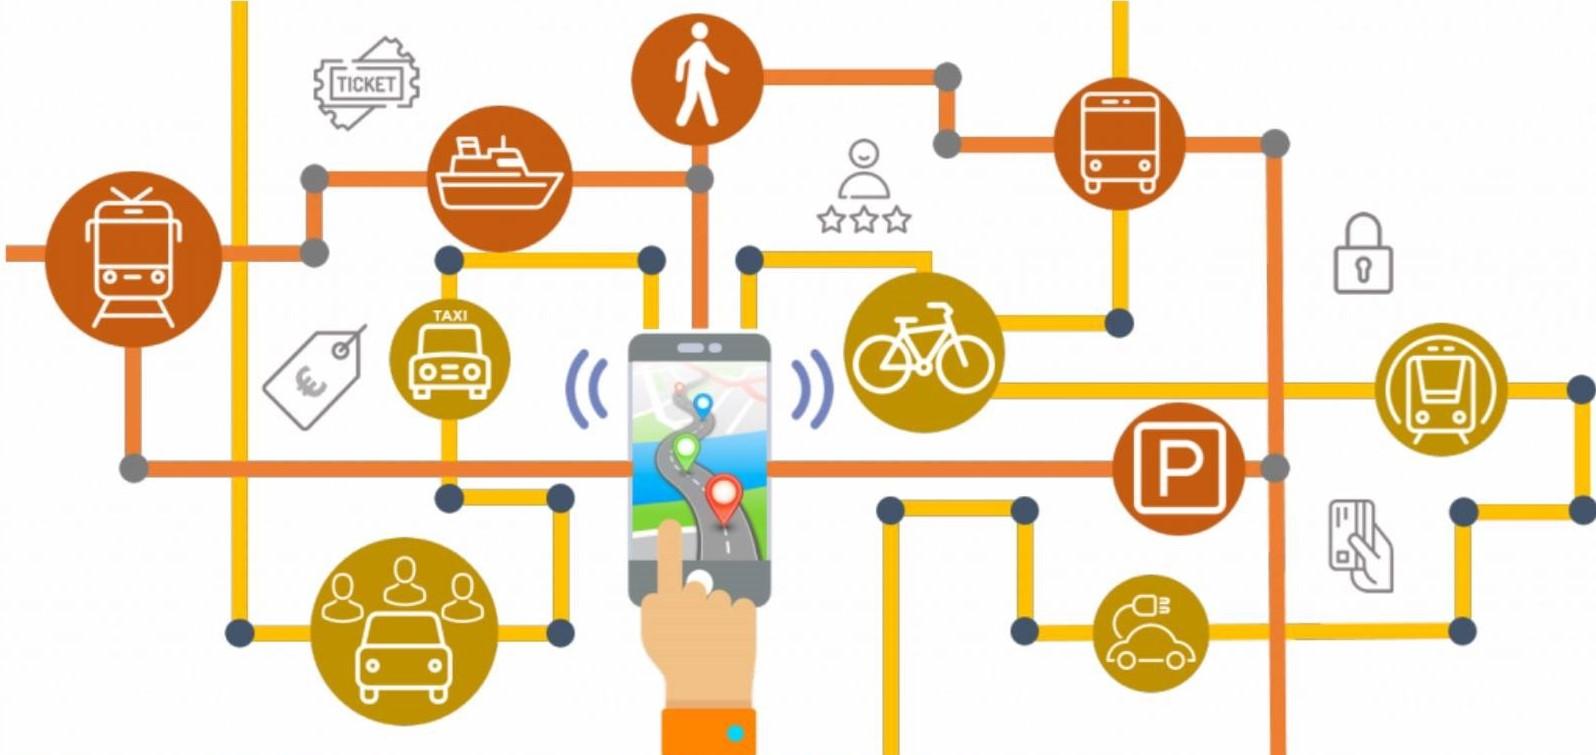 Le MaaS (Mobility-as-a-Service) : vers une mobilité plus durable